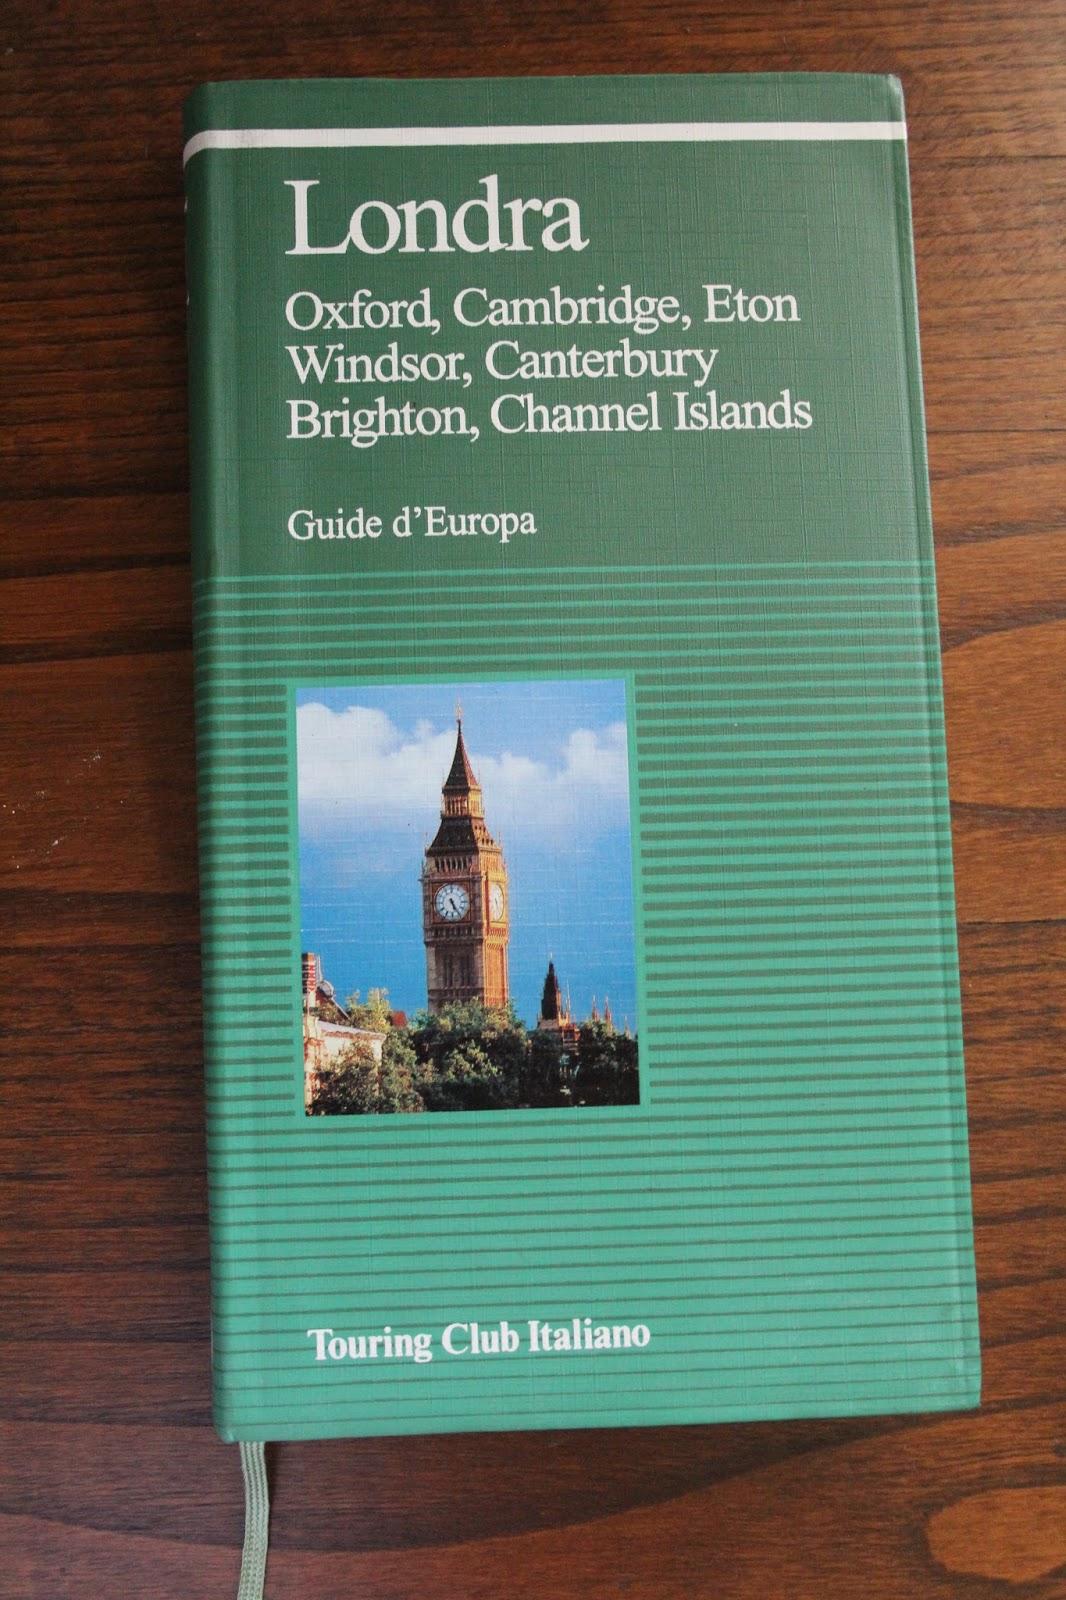 Pomi d 39 ottone una guida per le guide turistiche for Guide turistiche londra